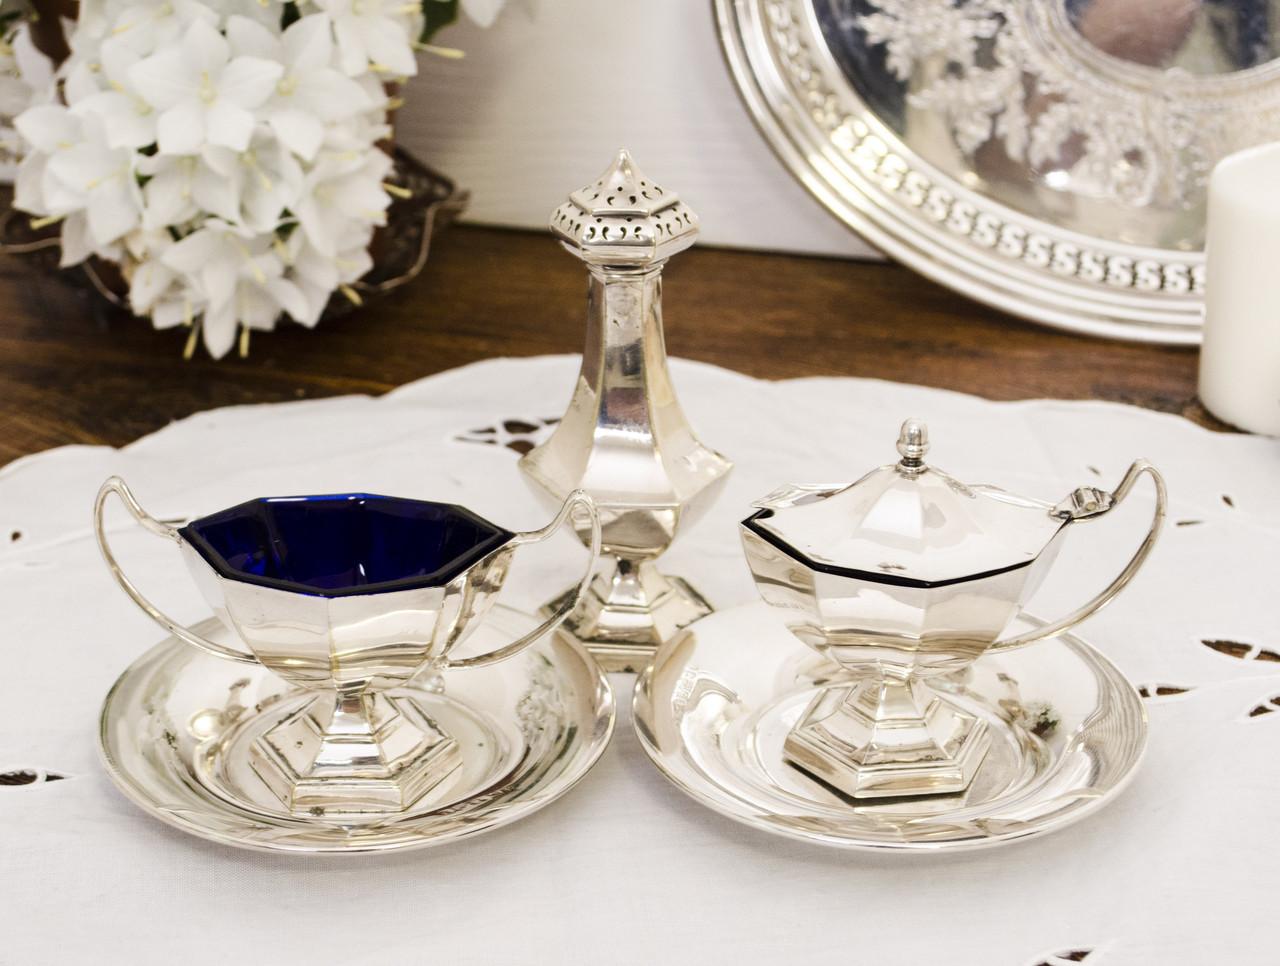 Набор для специй, для сервировки стола, солонка и соусницы, серебрение, винтаж, Англия